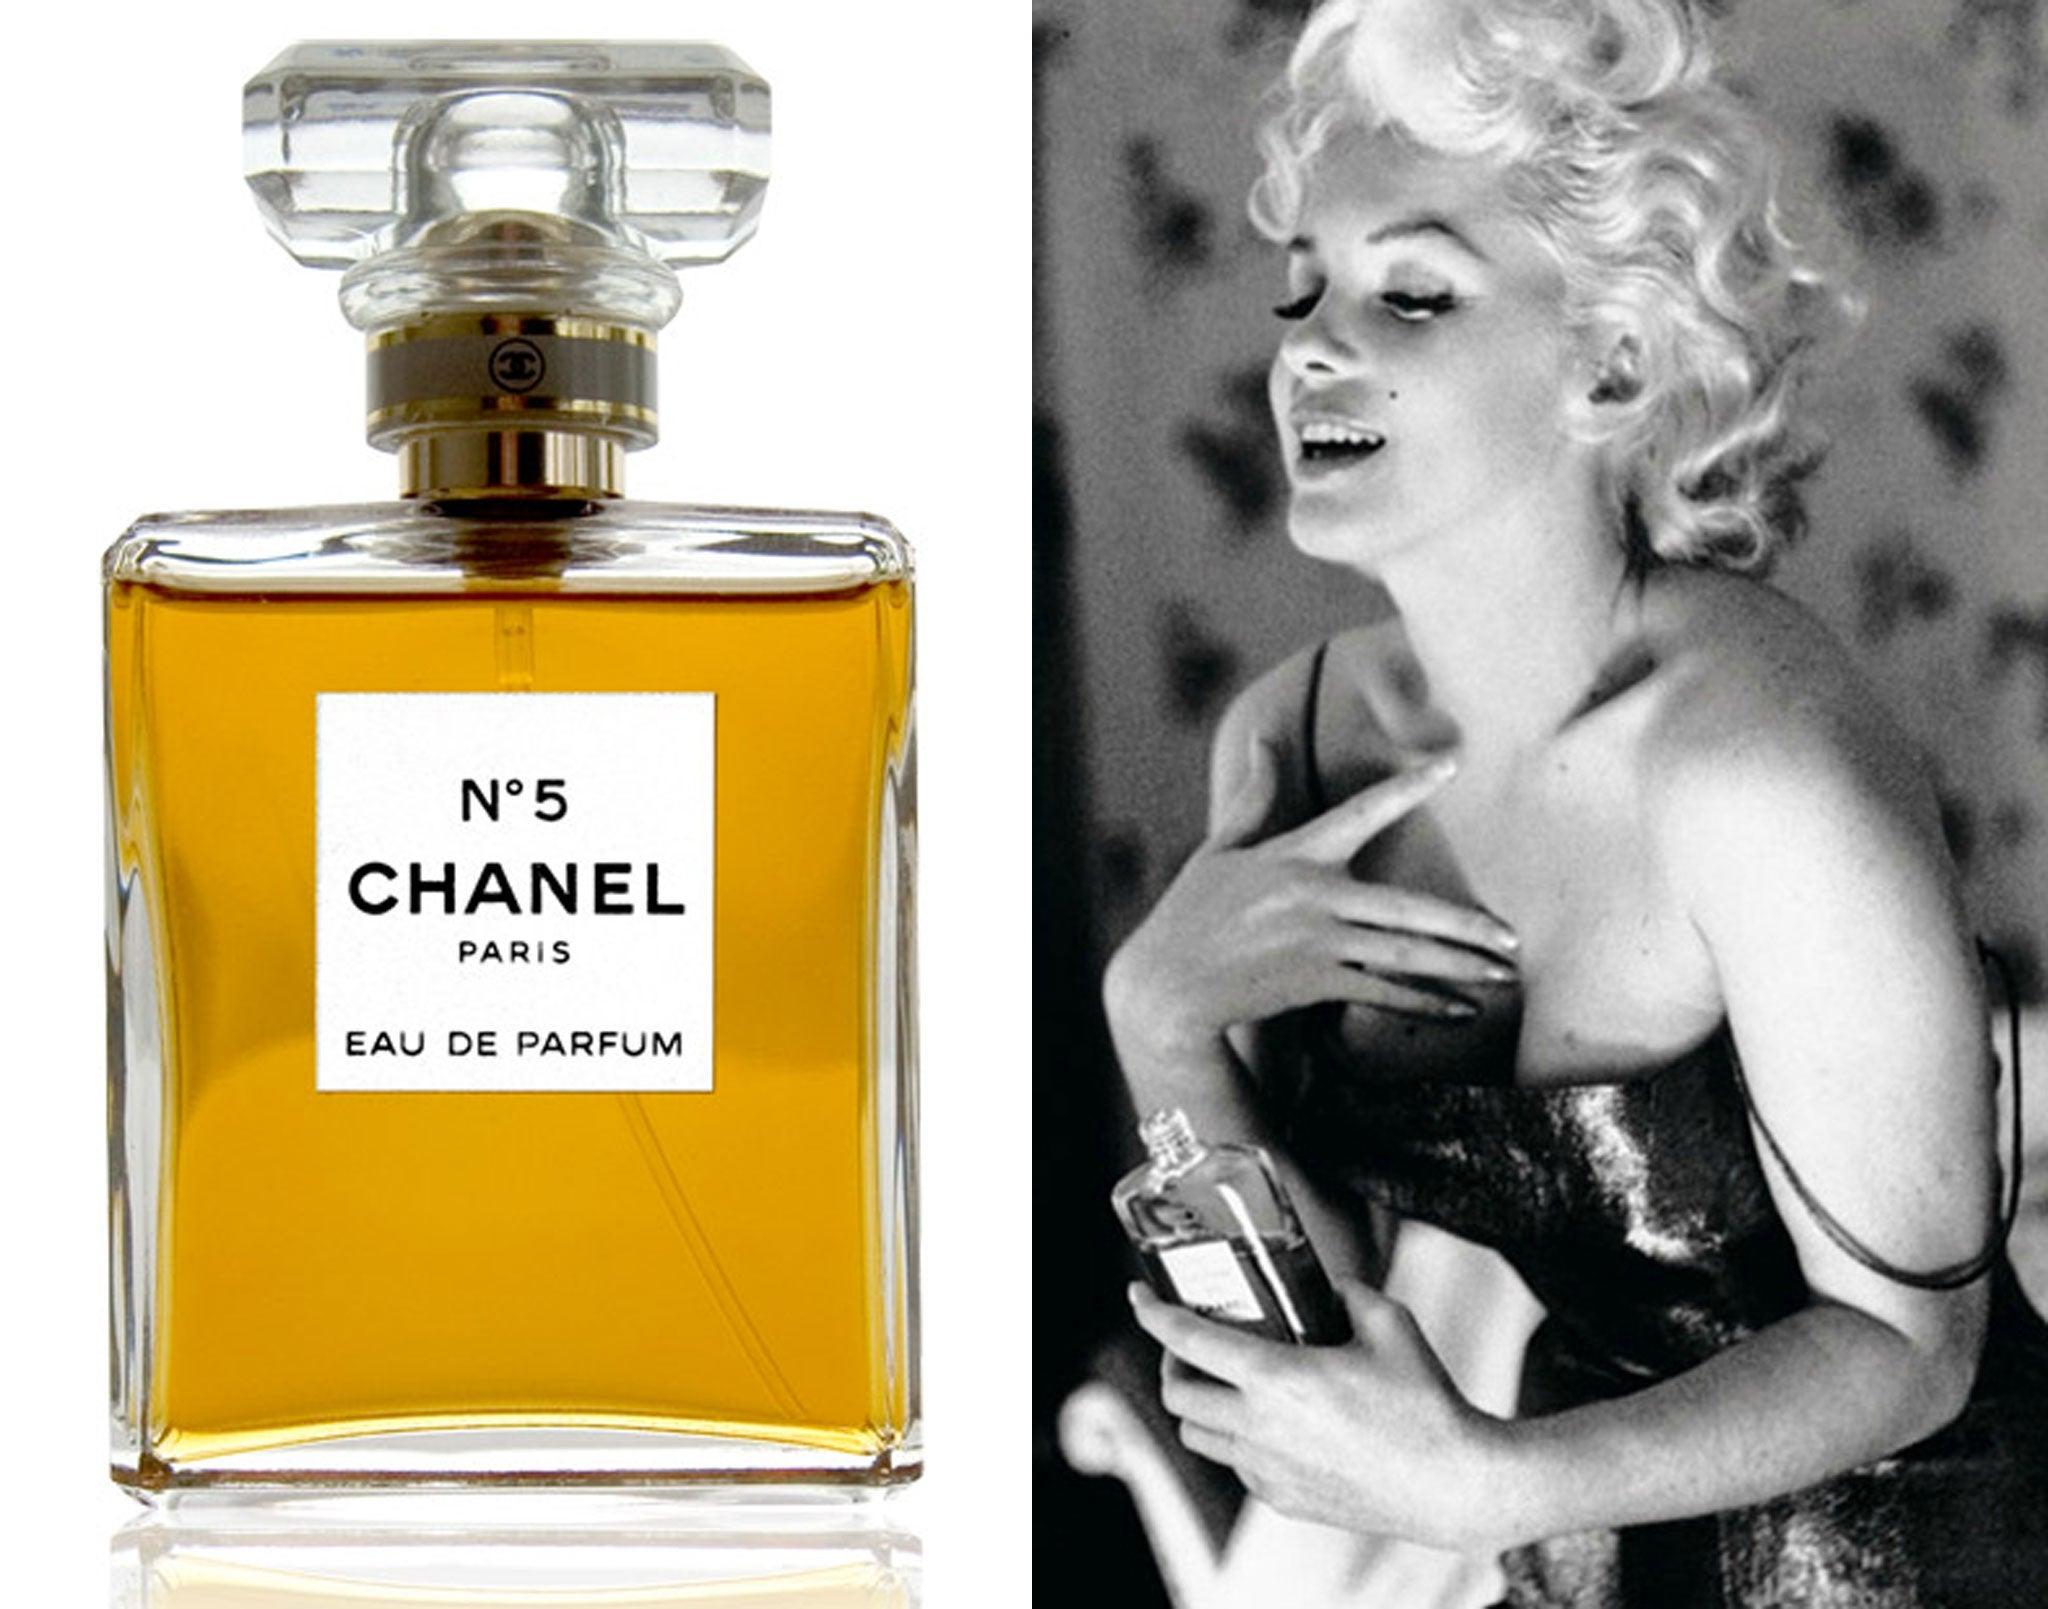 Chanel number 5 samples